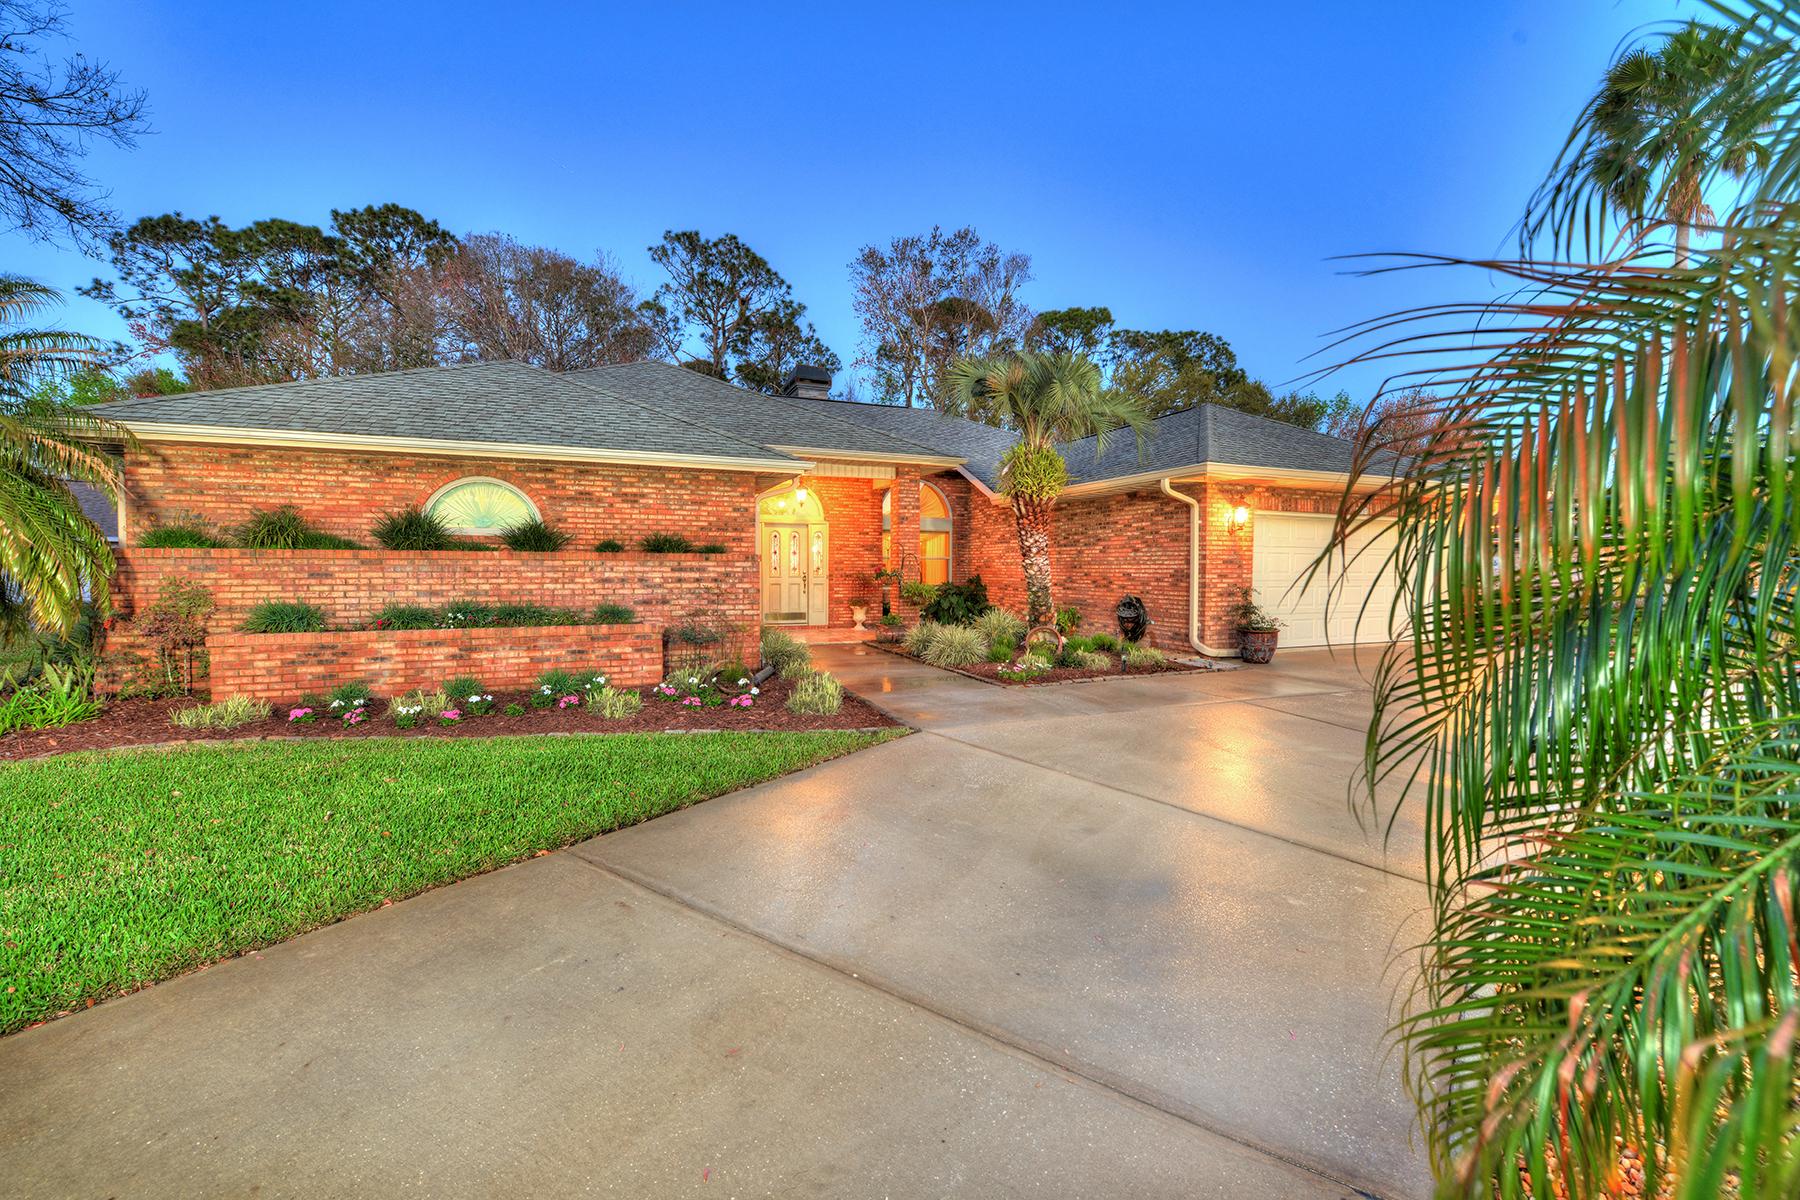 一戸建て のために 売買 アット 1937 Spruce Creek , Port Orange, FL 32128 1937 Spruce Creek Port Orange, フロリダ 32128 アメリカ合衆国